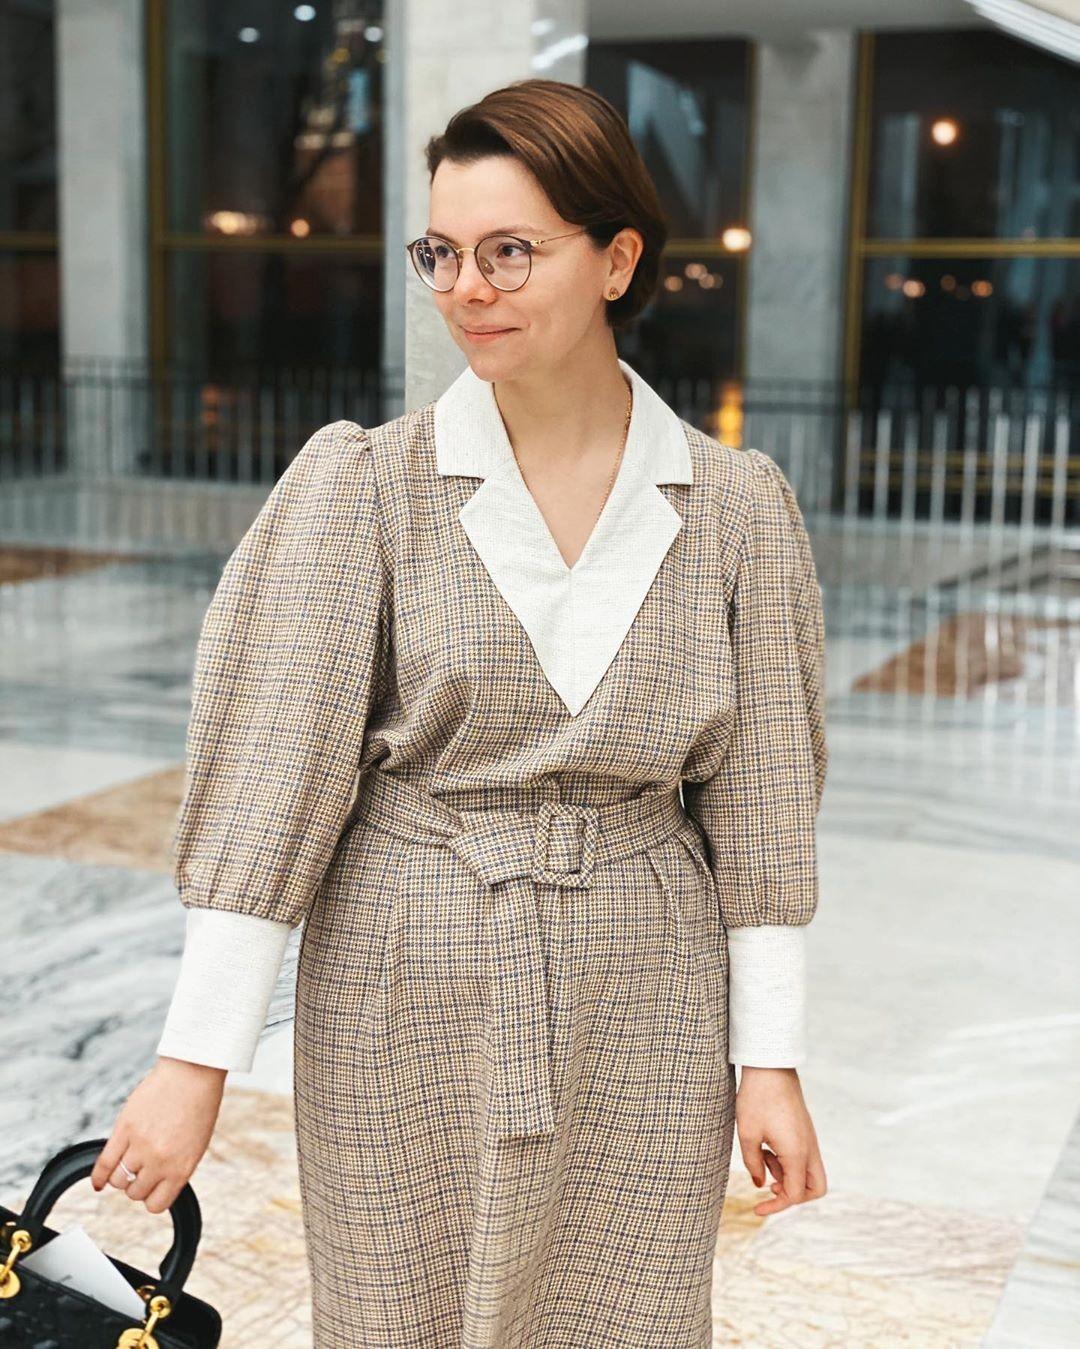 СМИ:  Татьяна Брухунова беременна от Евгения Петросяна? - фото №2